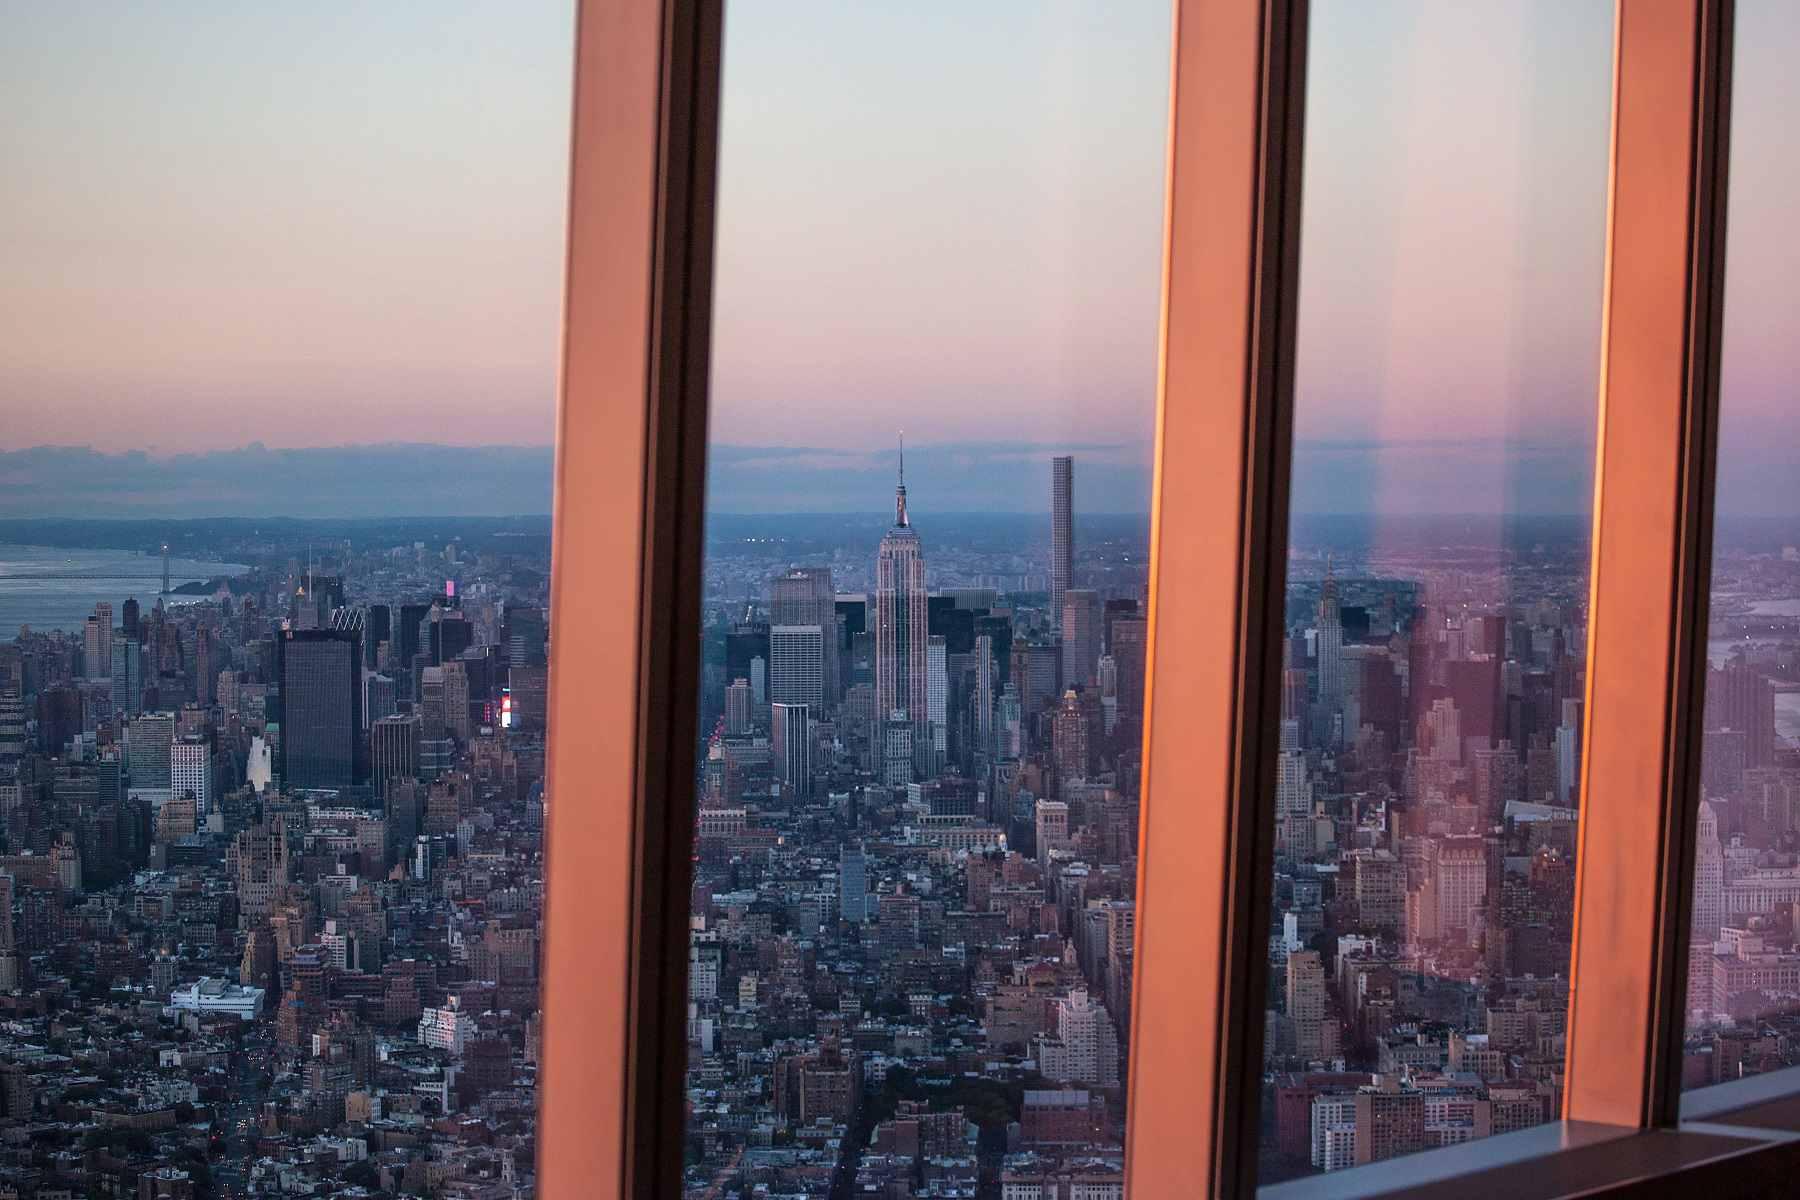 Rýchlosť datovania udalosti v New Yorku